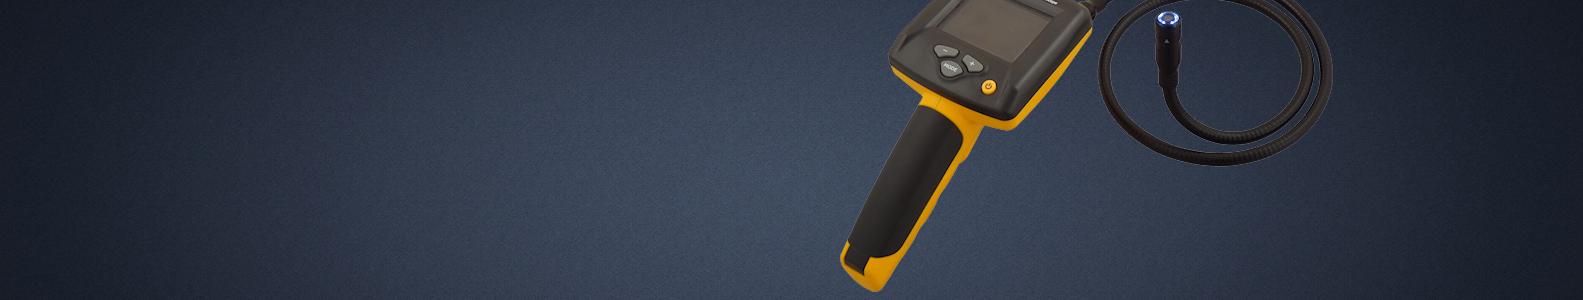 Vaizdo boroskopai  Vaizdo boroskopai ieškantiems aukštos kokybės prietaisų